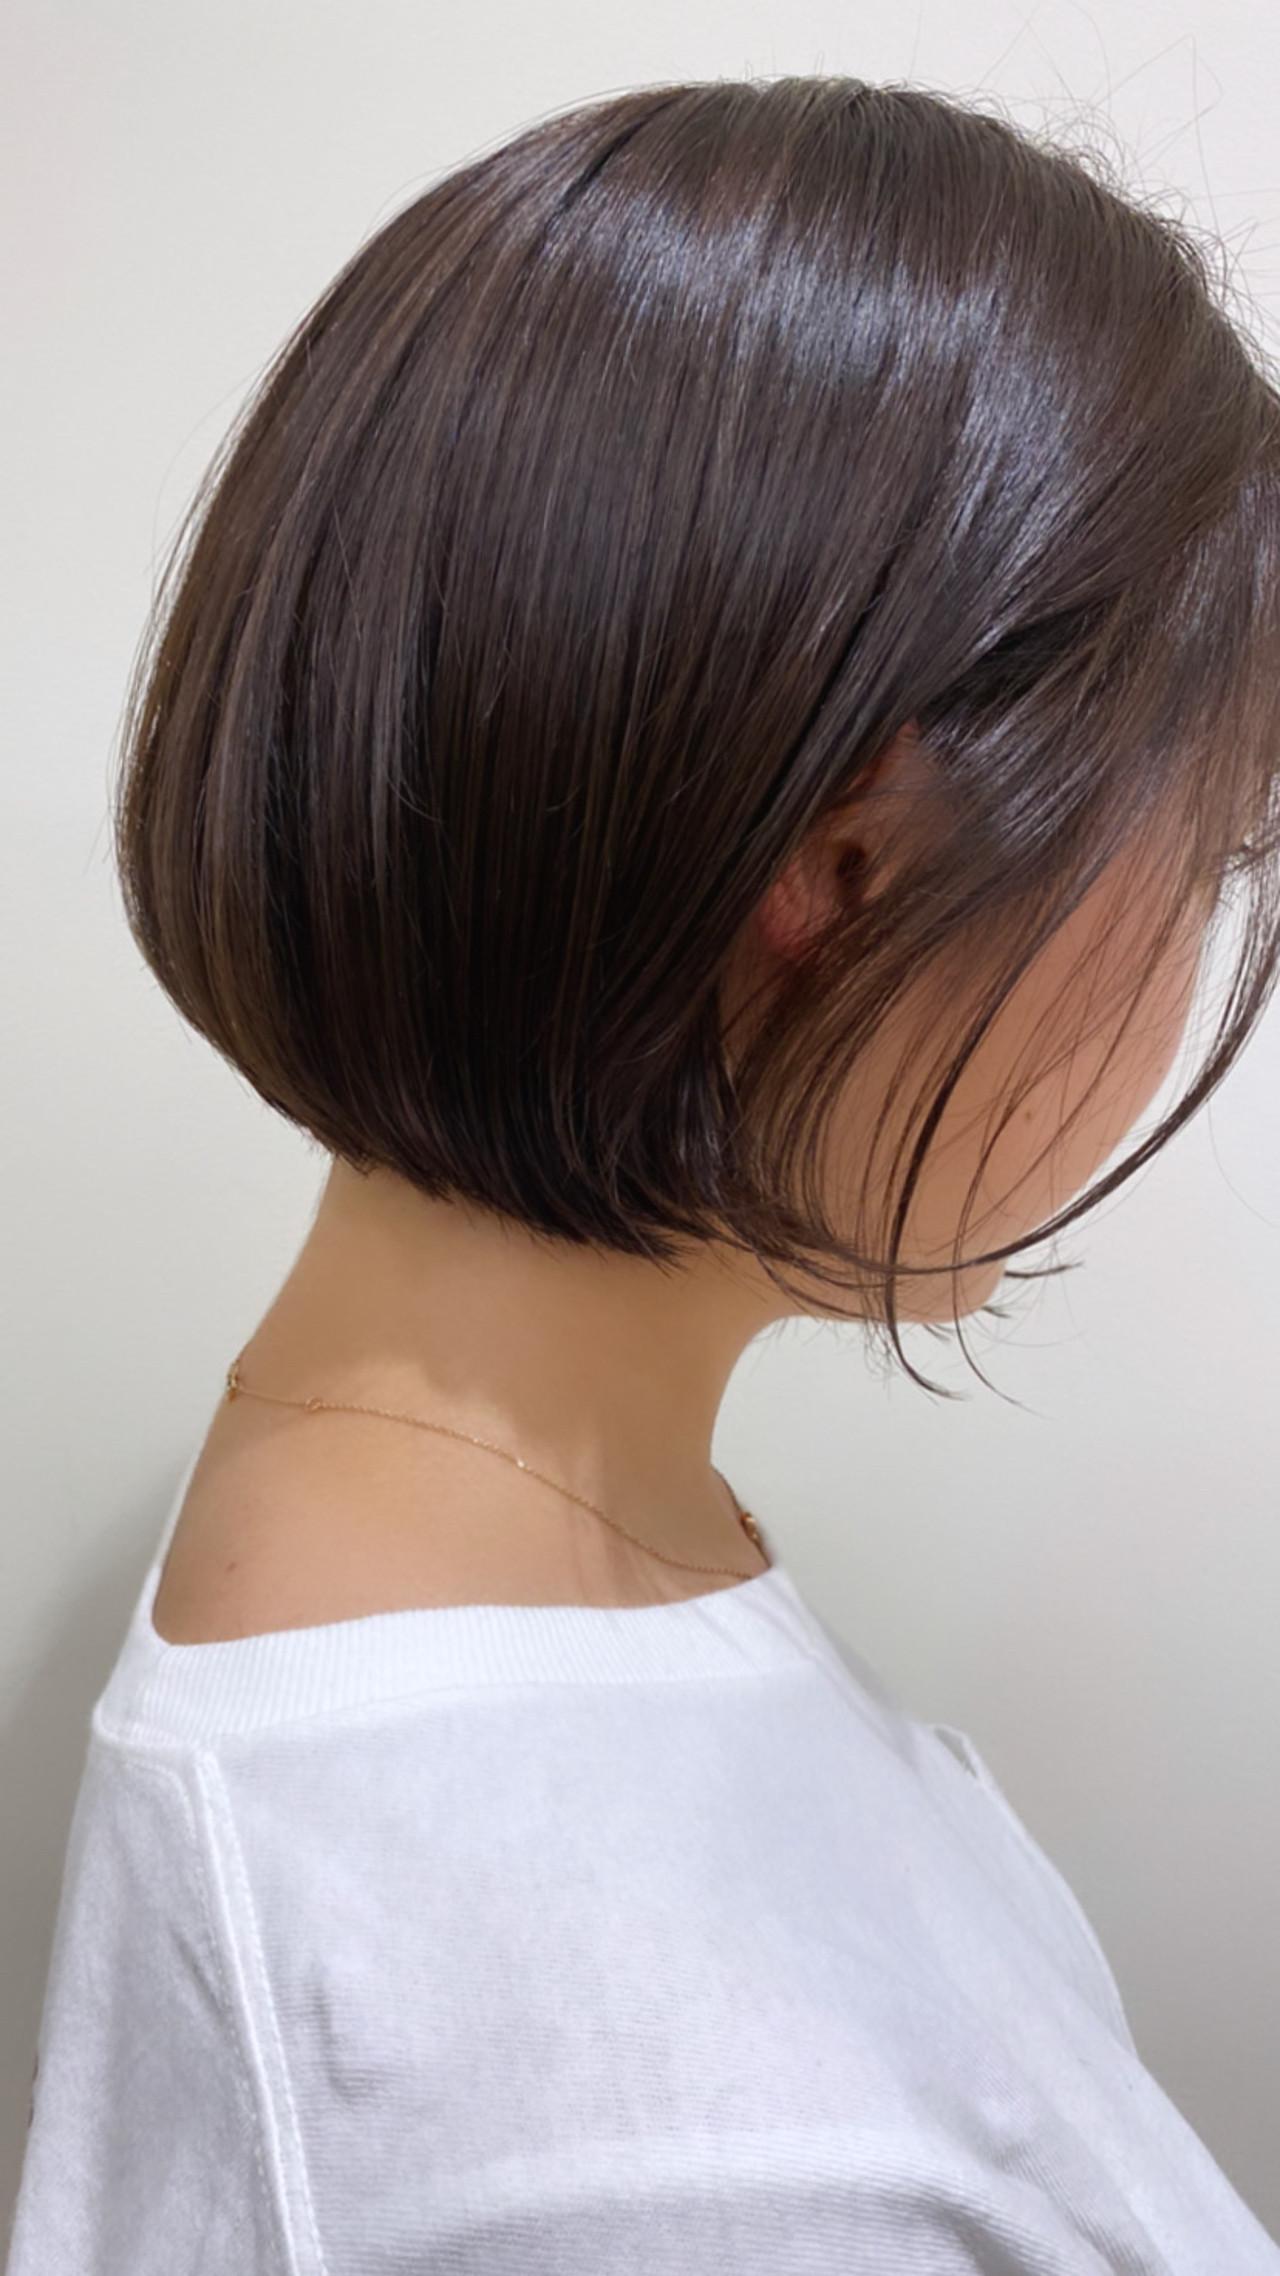 シルバーグレージュ まとまるボブ ナチュラル 透け感ヘア ヘアスタイルや髪型の写真・画像